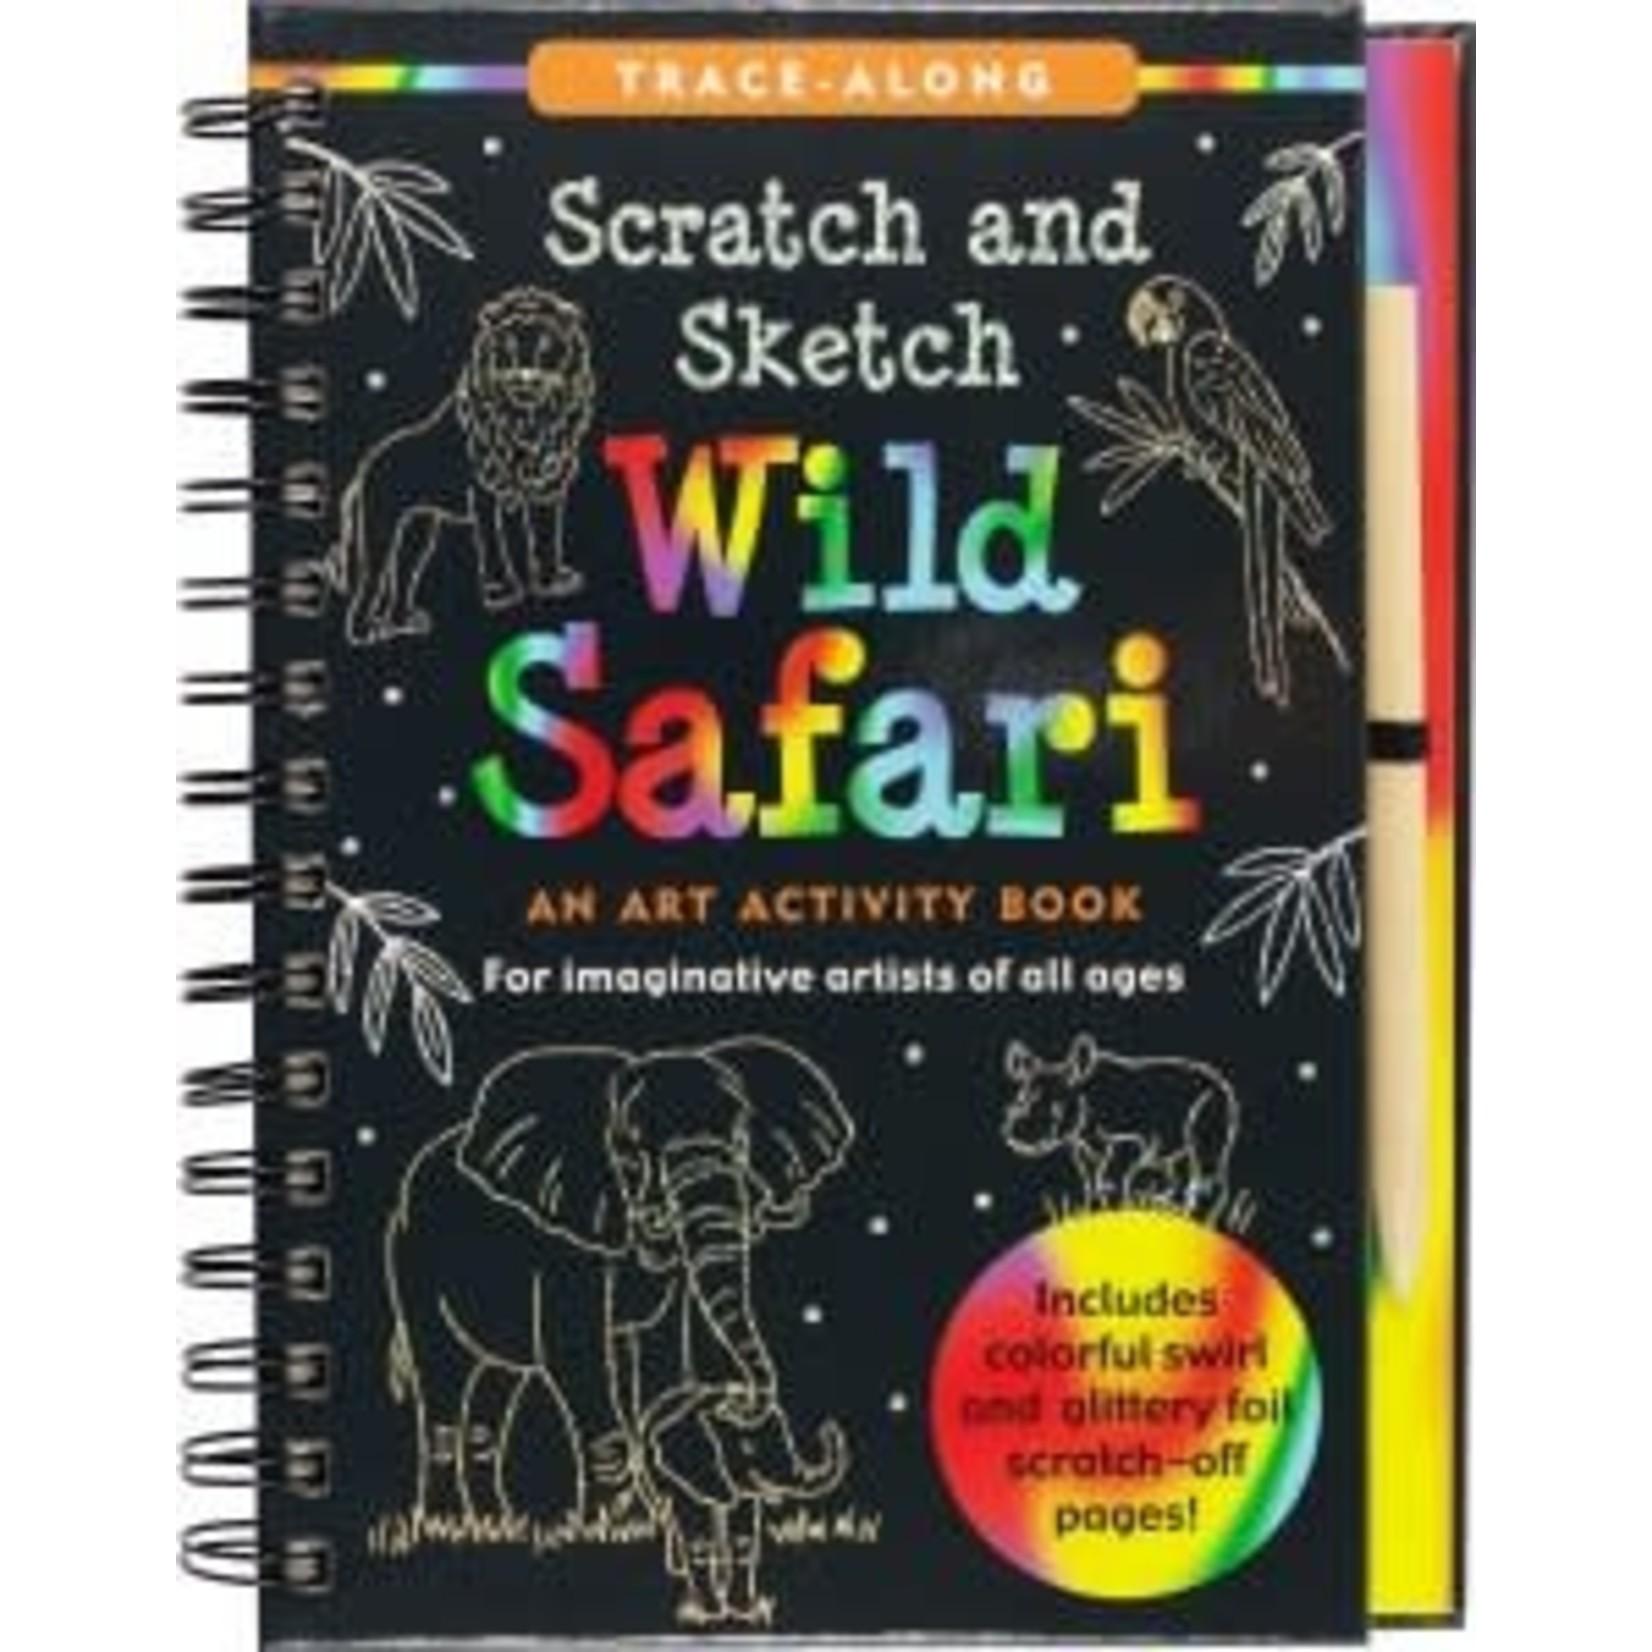 SCRATCH & SKETCH WILD SAFARI